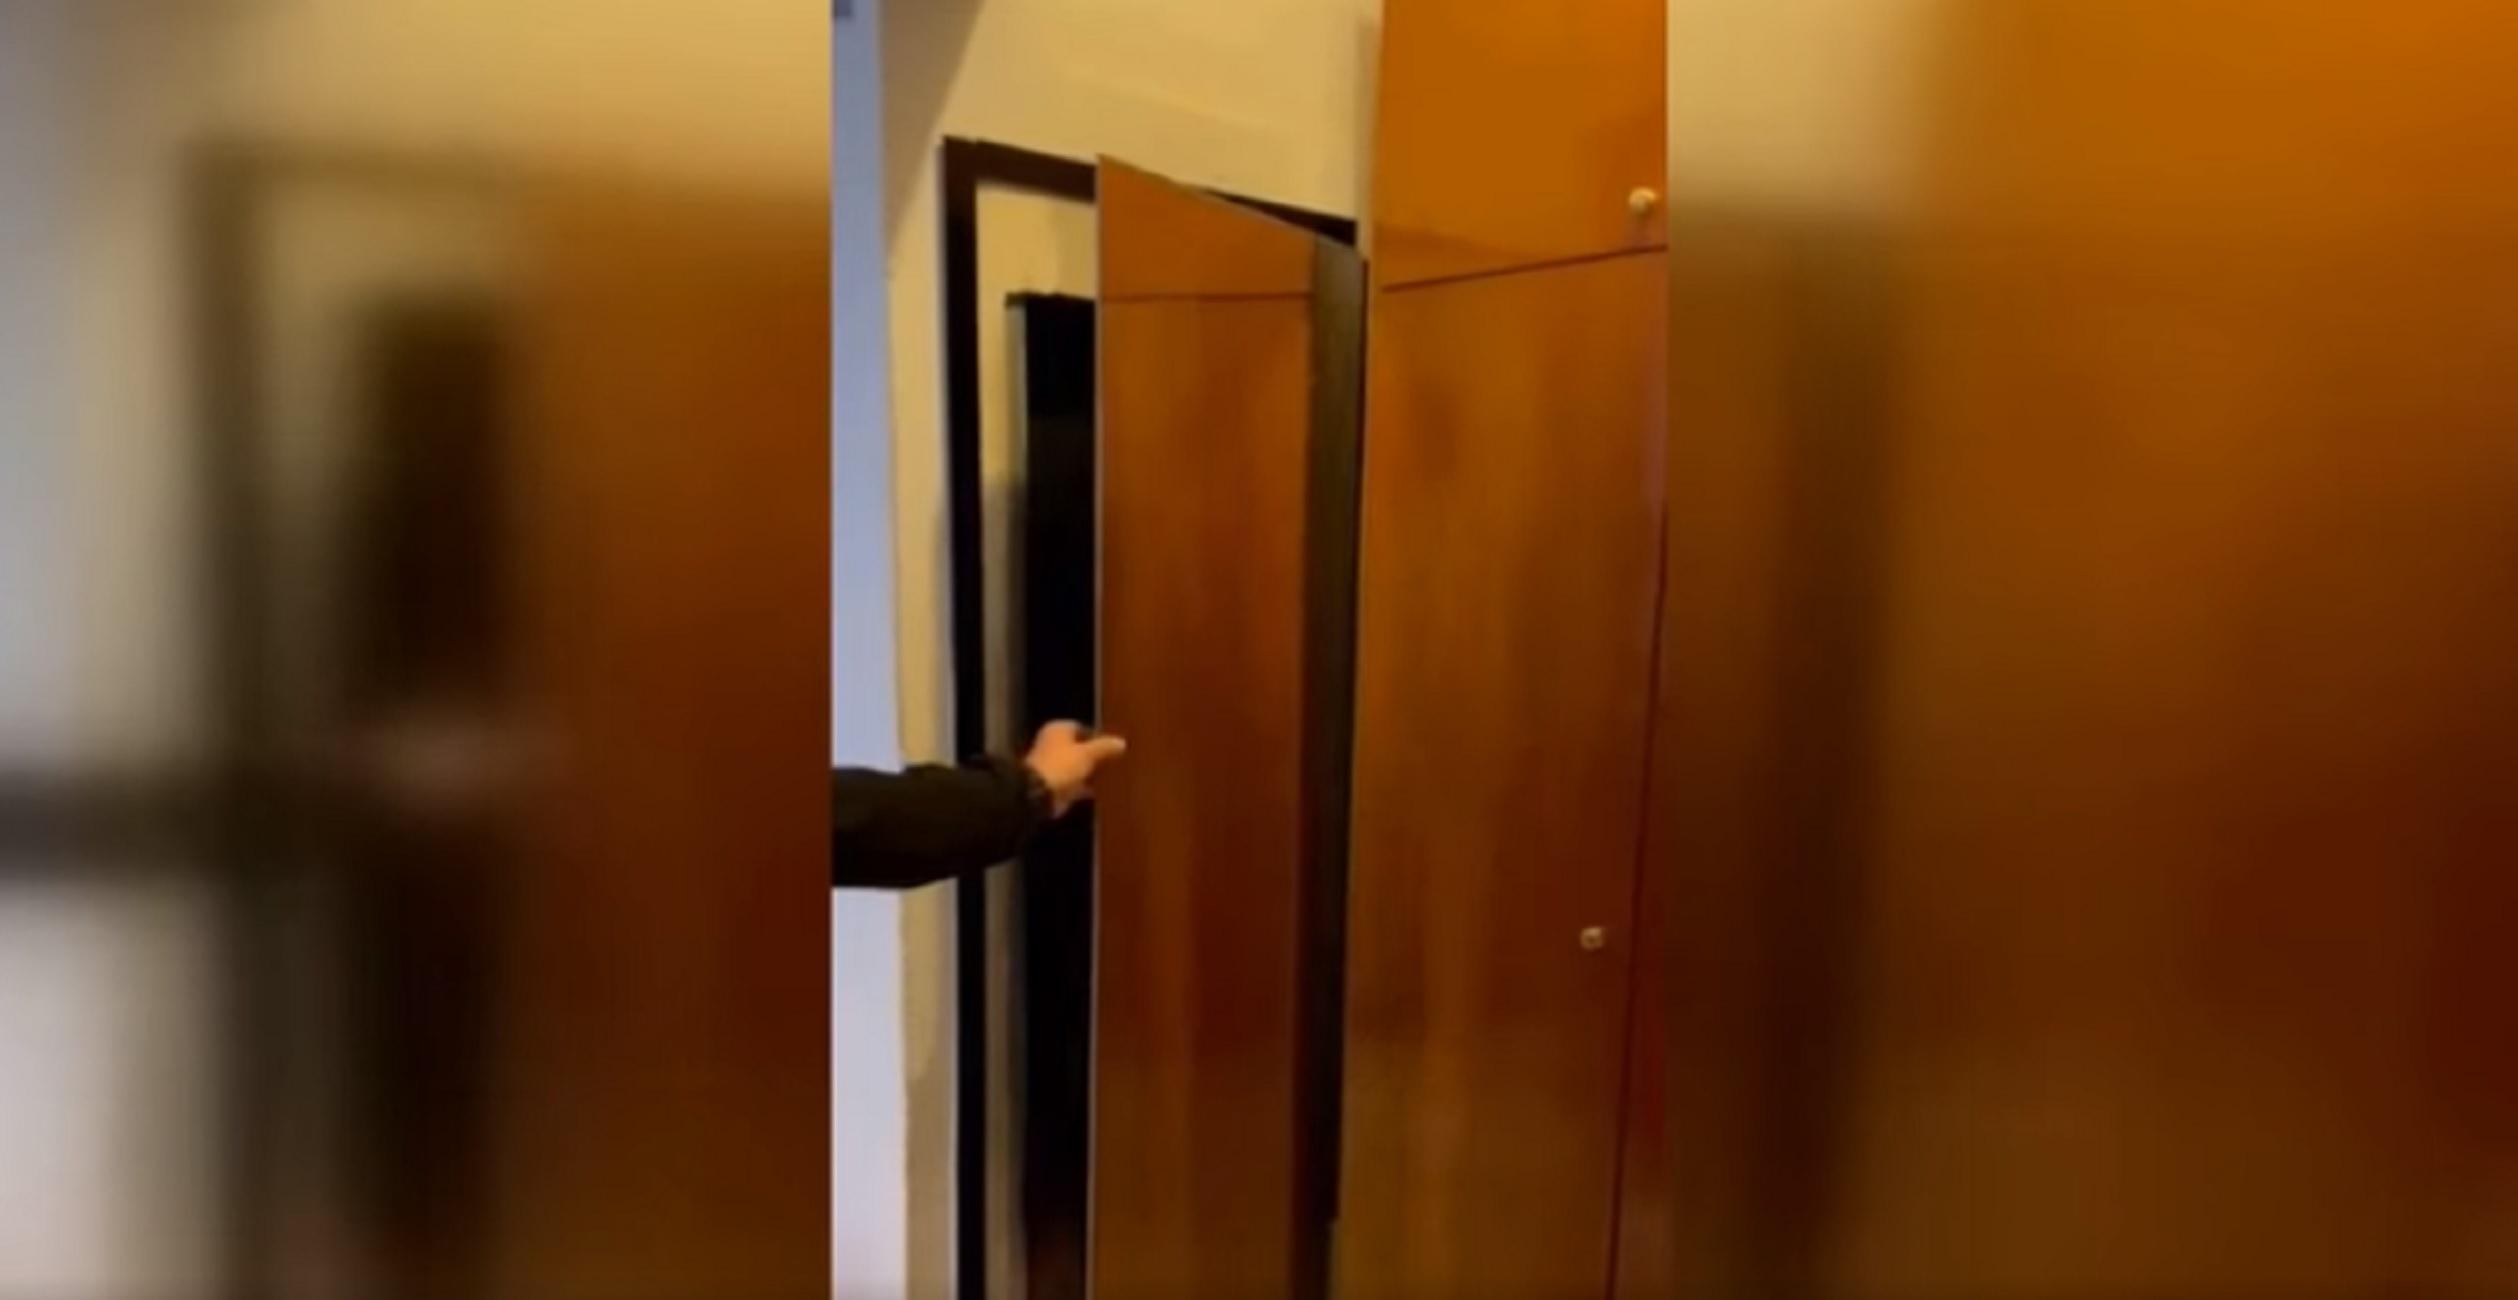 Θεσσαλονίκη: Ο καθρέφτης στο σπίτι δεν βρισκόταν τυχαία σε αυτό το σημείο – Η στιγμή που οι πάντες μένουν άφωνοι (video)